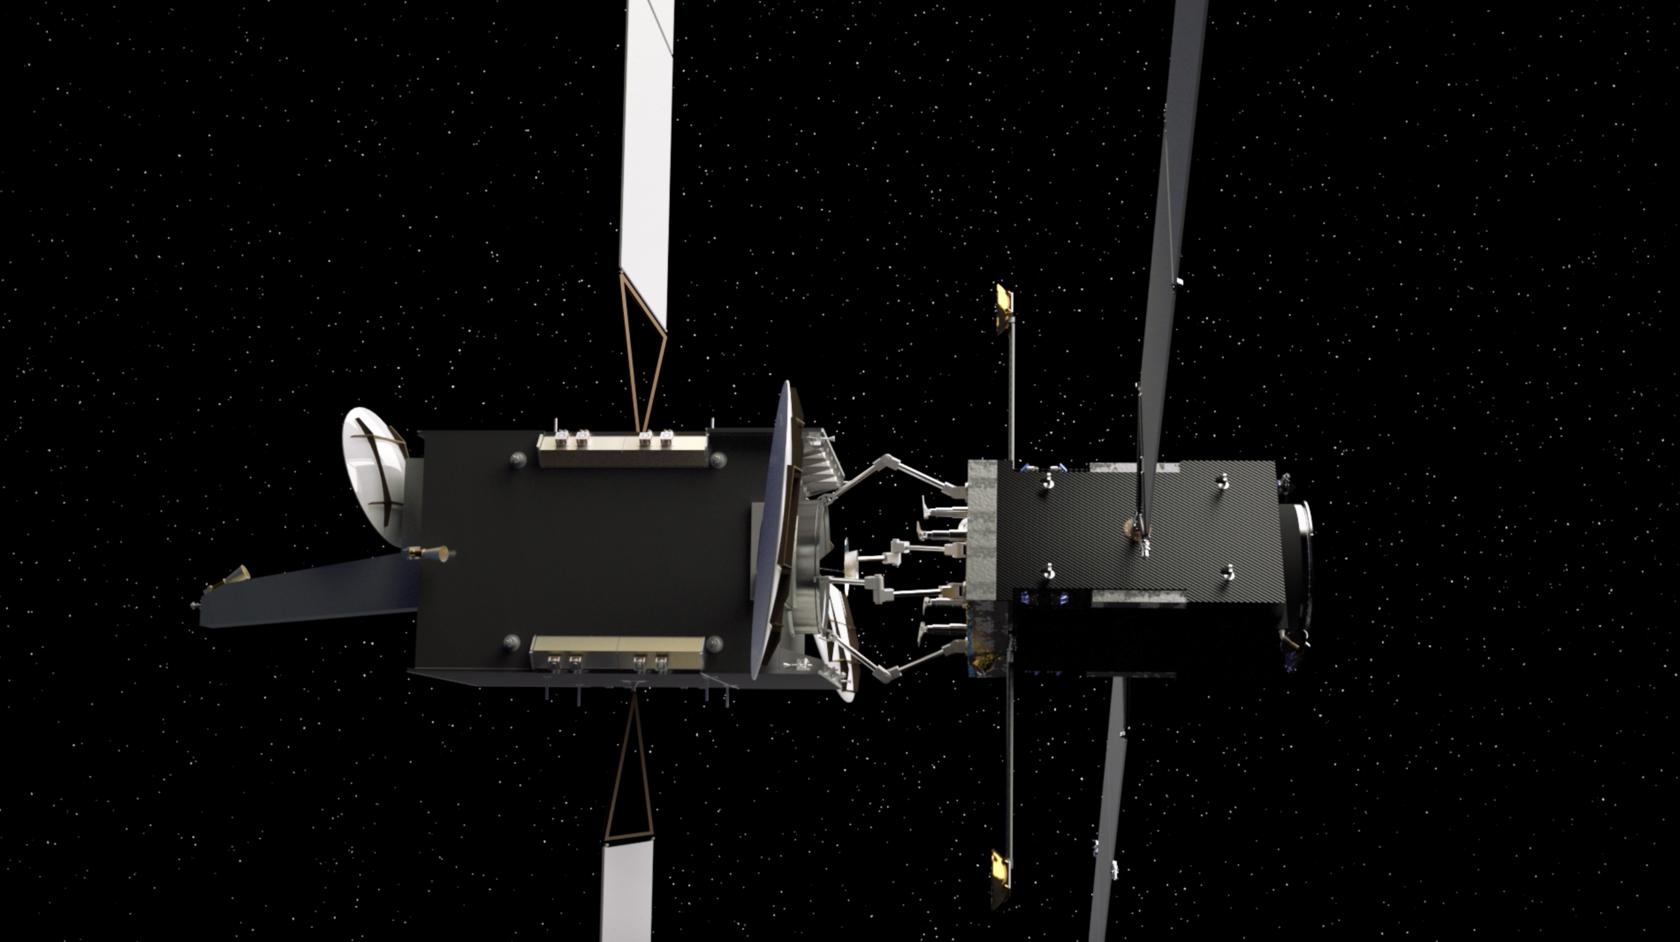 Демонстрационный модуль Kurs Orbital на орбите / Kurs Orbital servicing vehicle concept